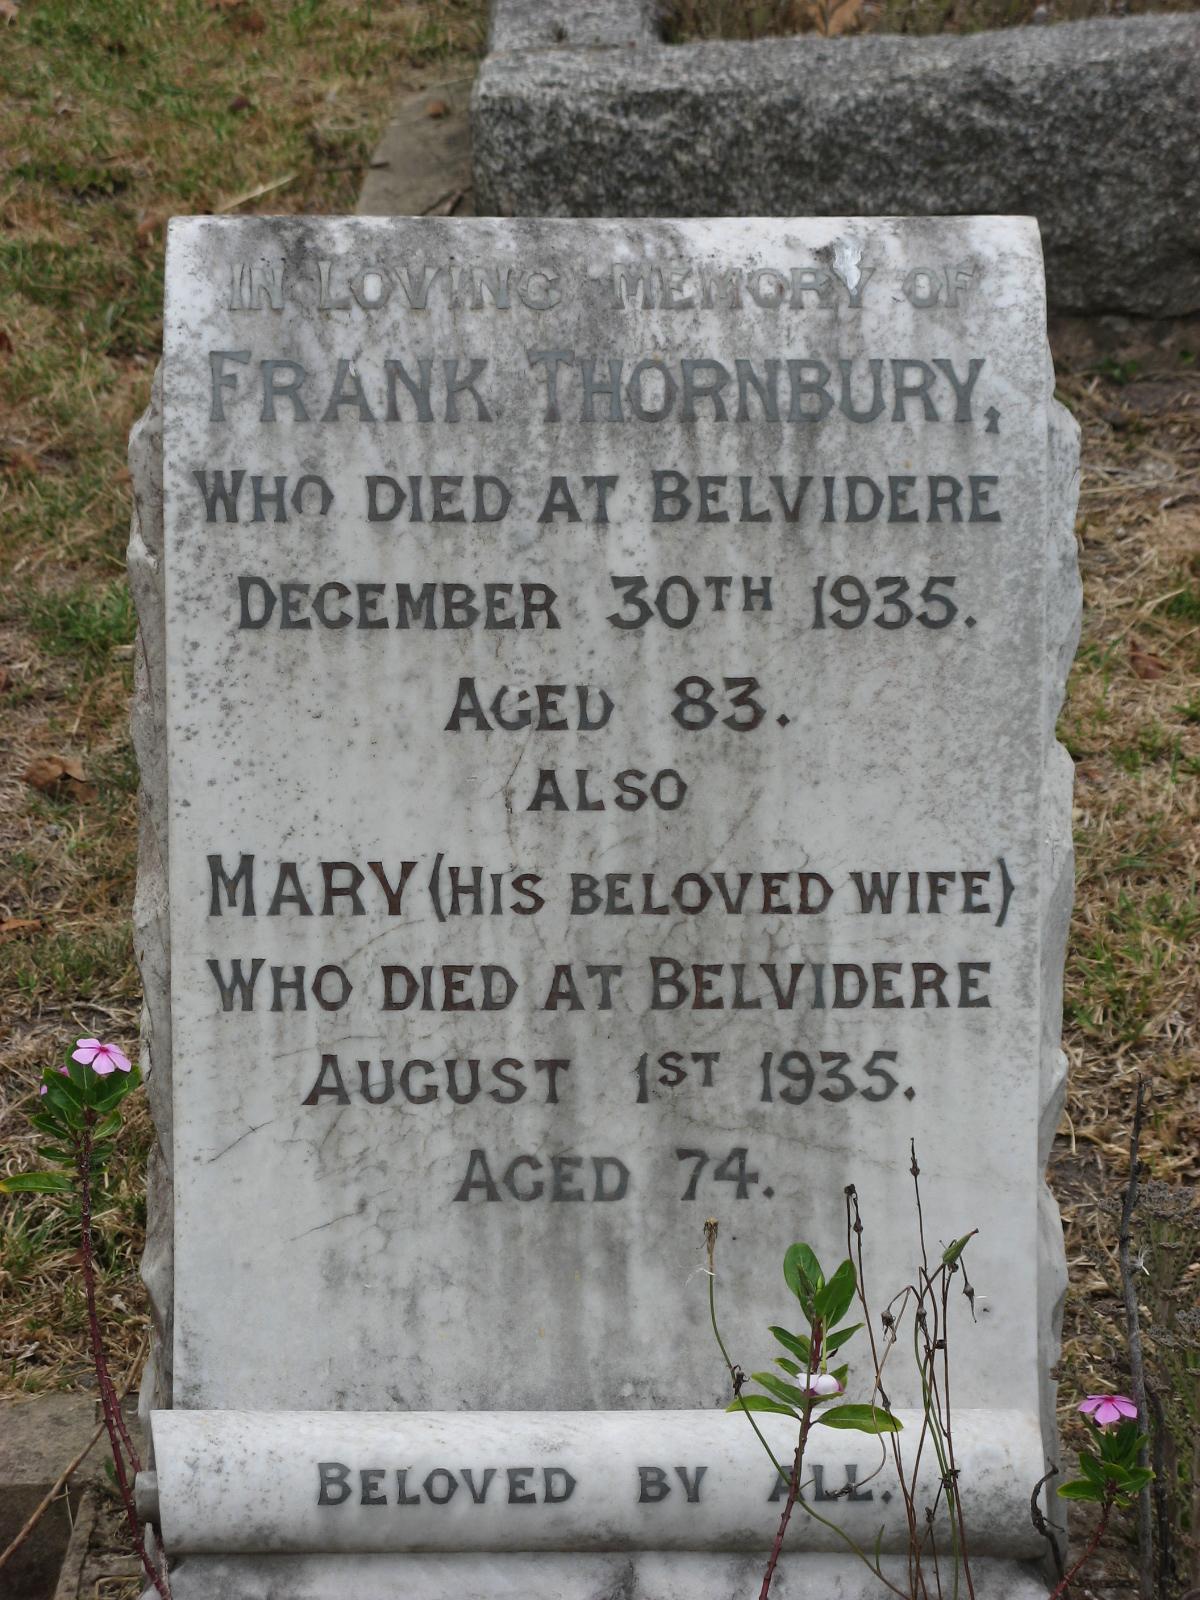 Thornbury, Frank + Thornbury, Mary